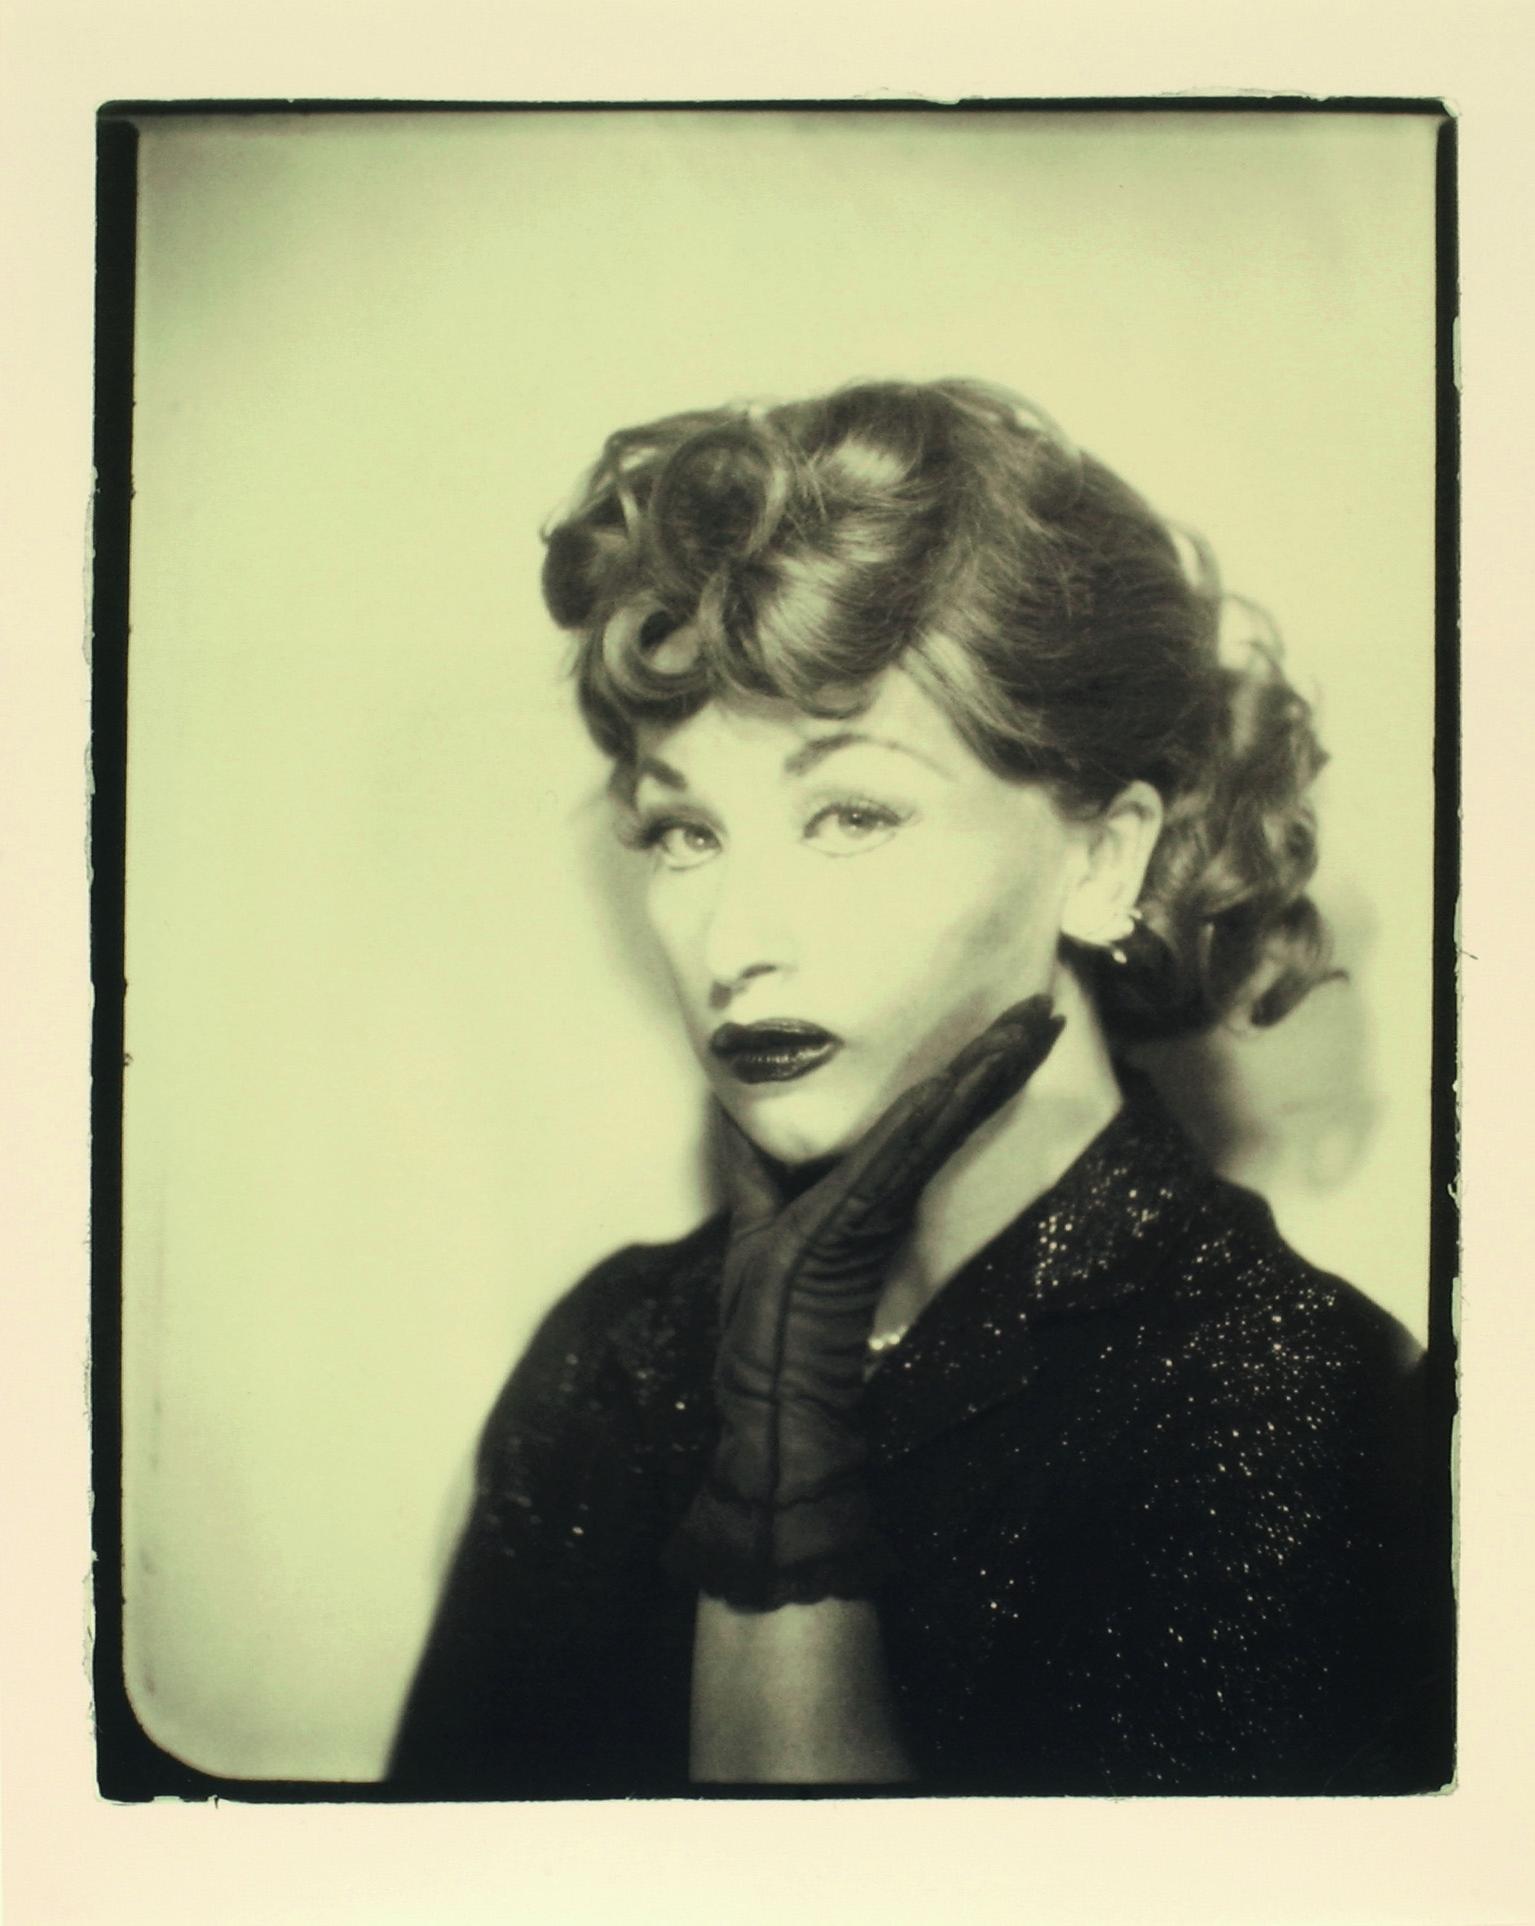 Cindy Sherman Untitled (Lucille Ball), 1975 / 2001 Gelatinesilberabzug; 30,2 x 23,8 cm © Cindy Sherman / SAMMLUNG VERBUND, Wien